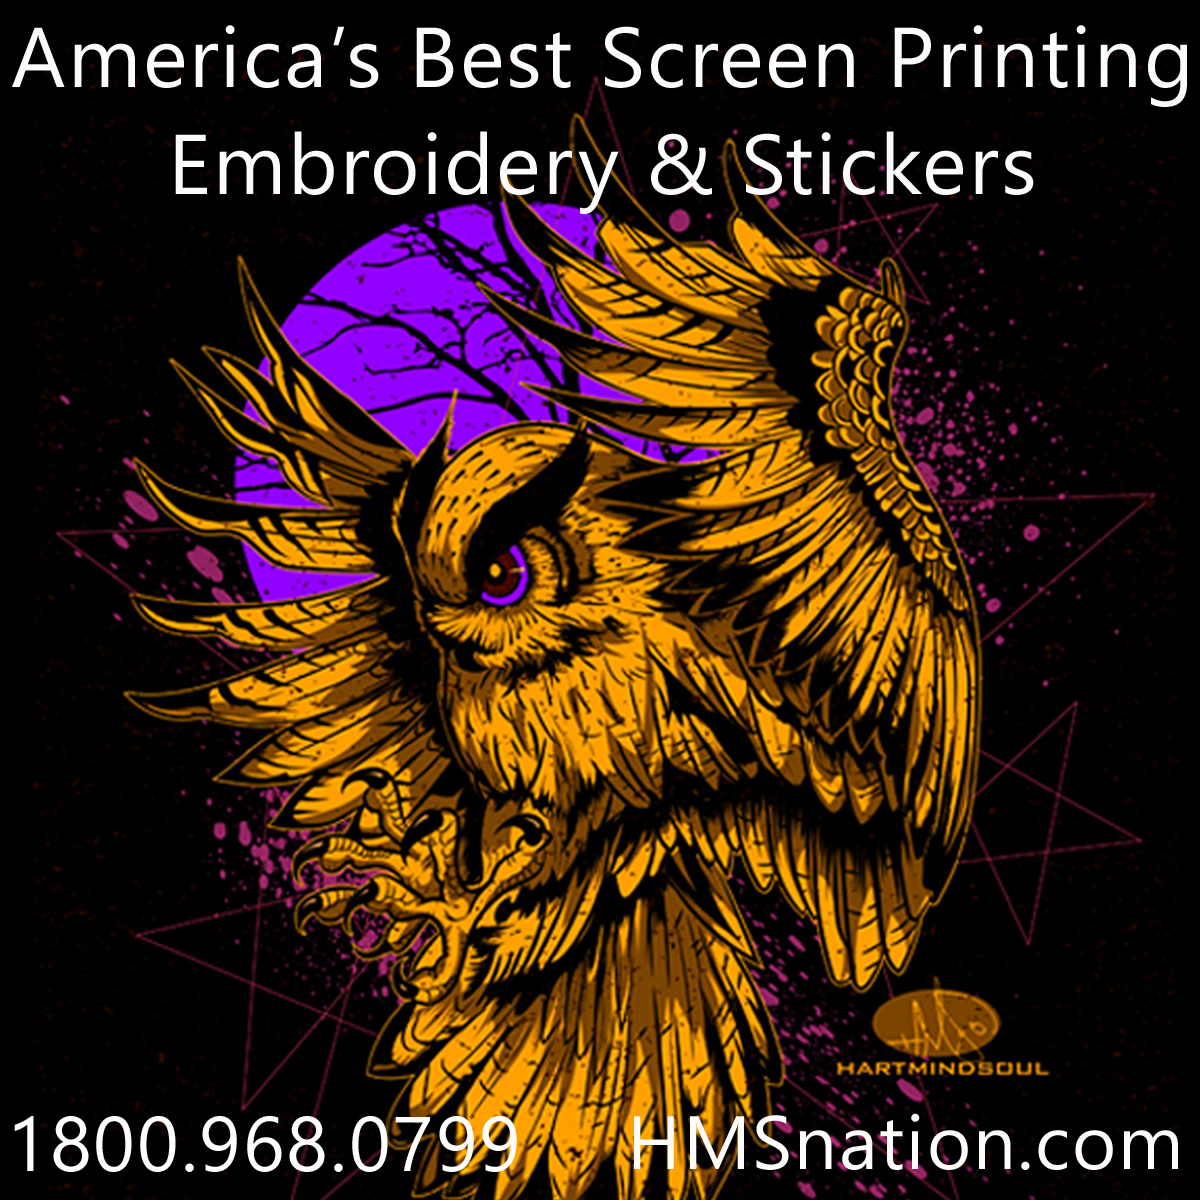 americas best screen printing reviews